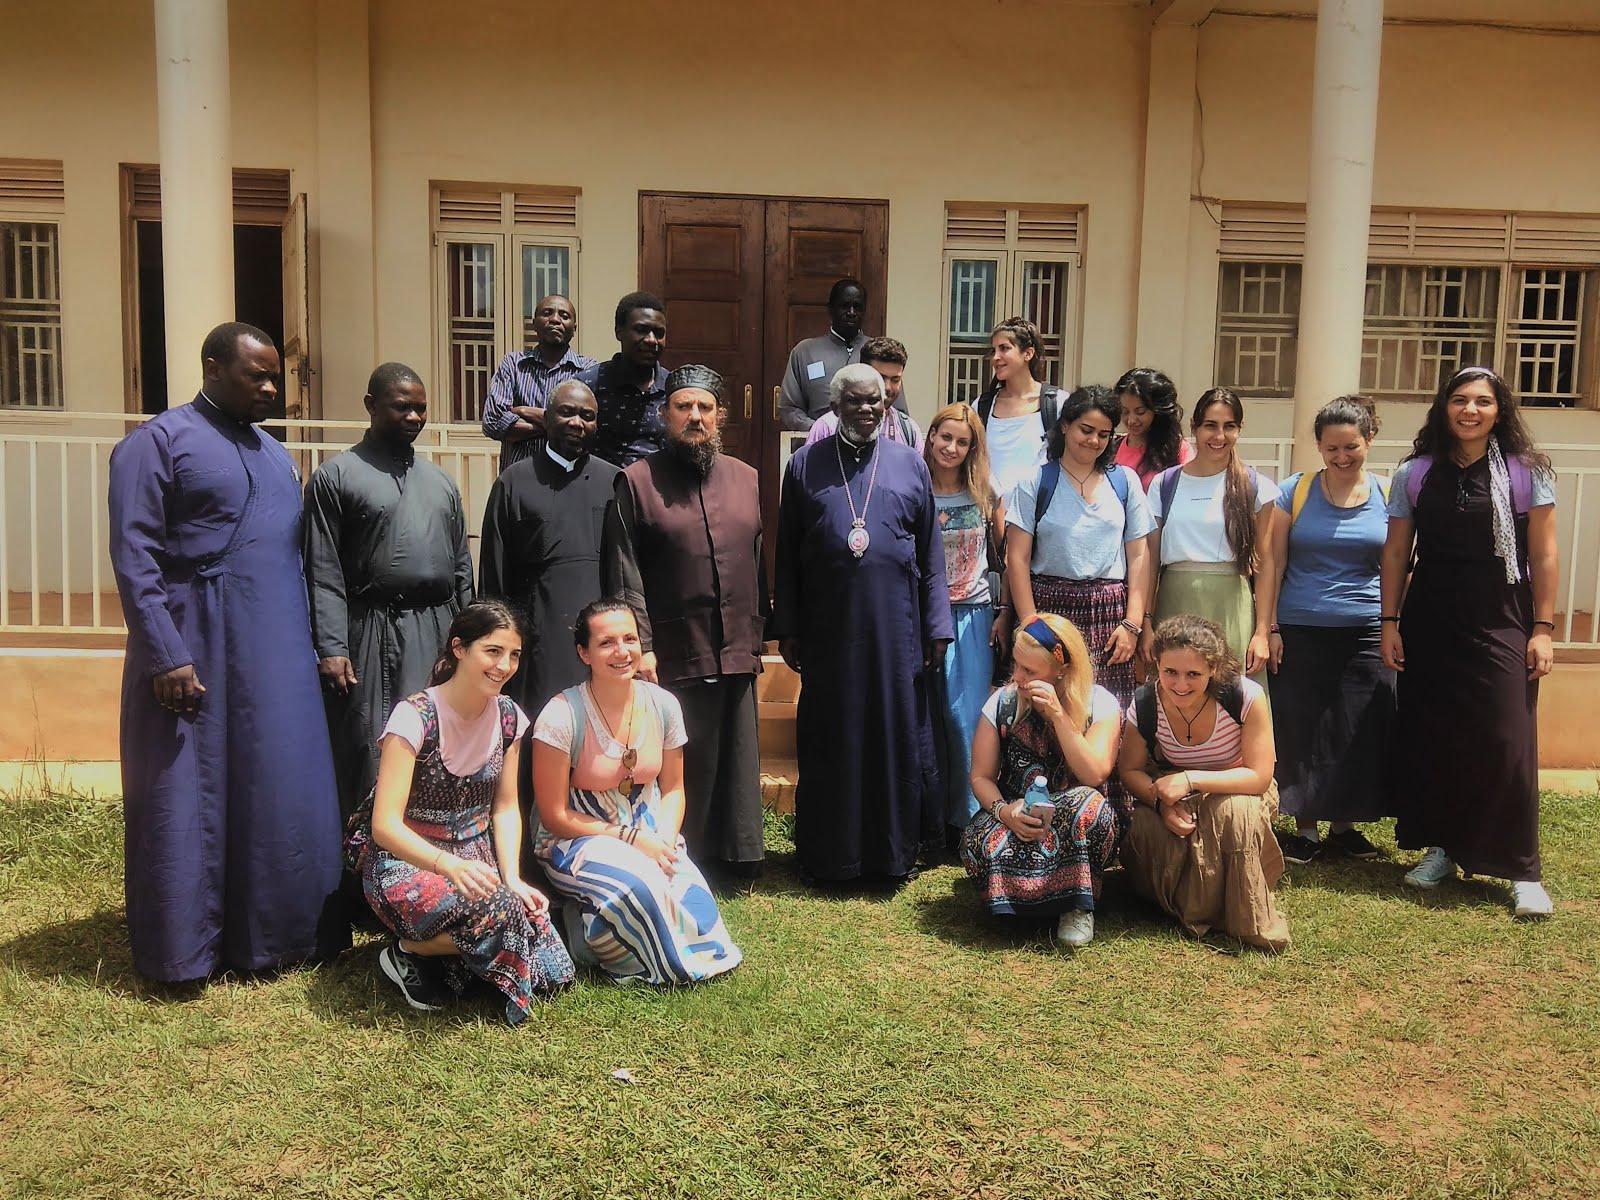 Ξεκίνημα της δεύτερης ομάδας της έβδομης αποστολής στην Ουγκάντα